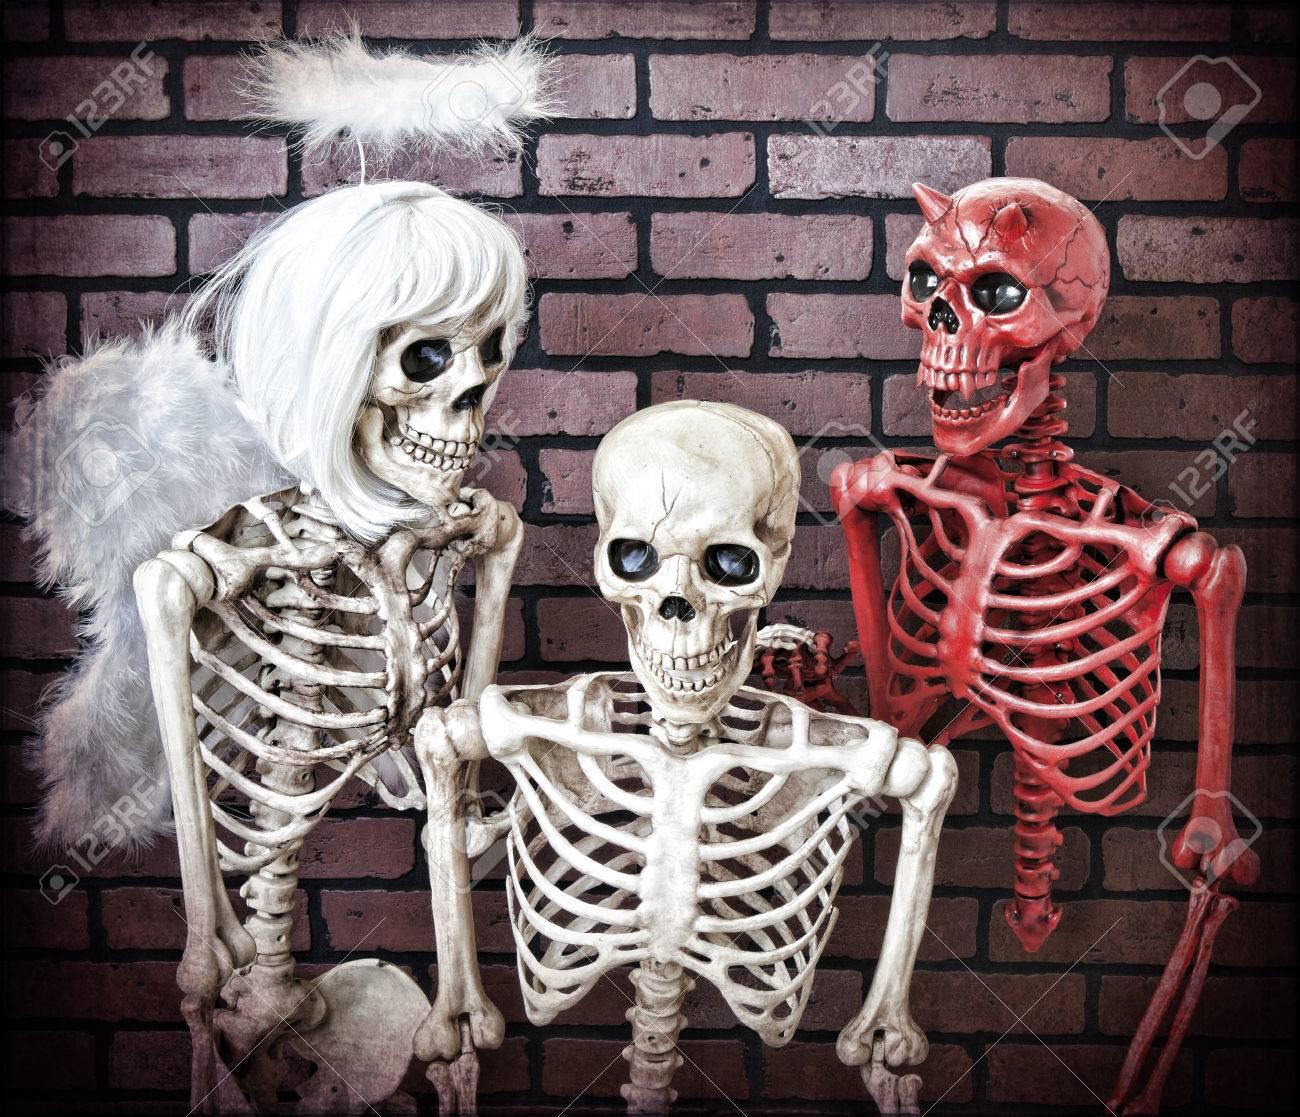 Un Hombre Esqueleto Siendo Engatusado Por Su Lado Bueno Y Malo Buen